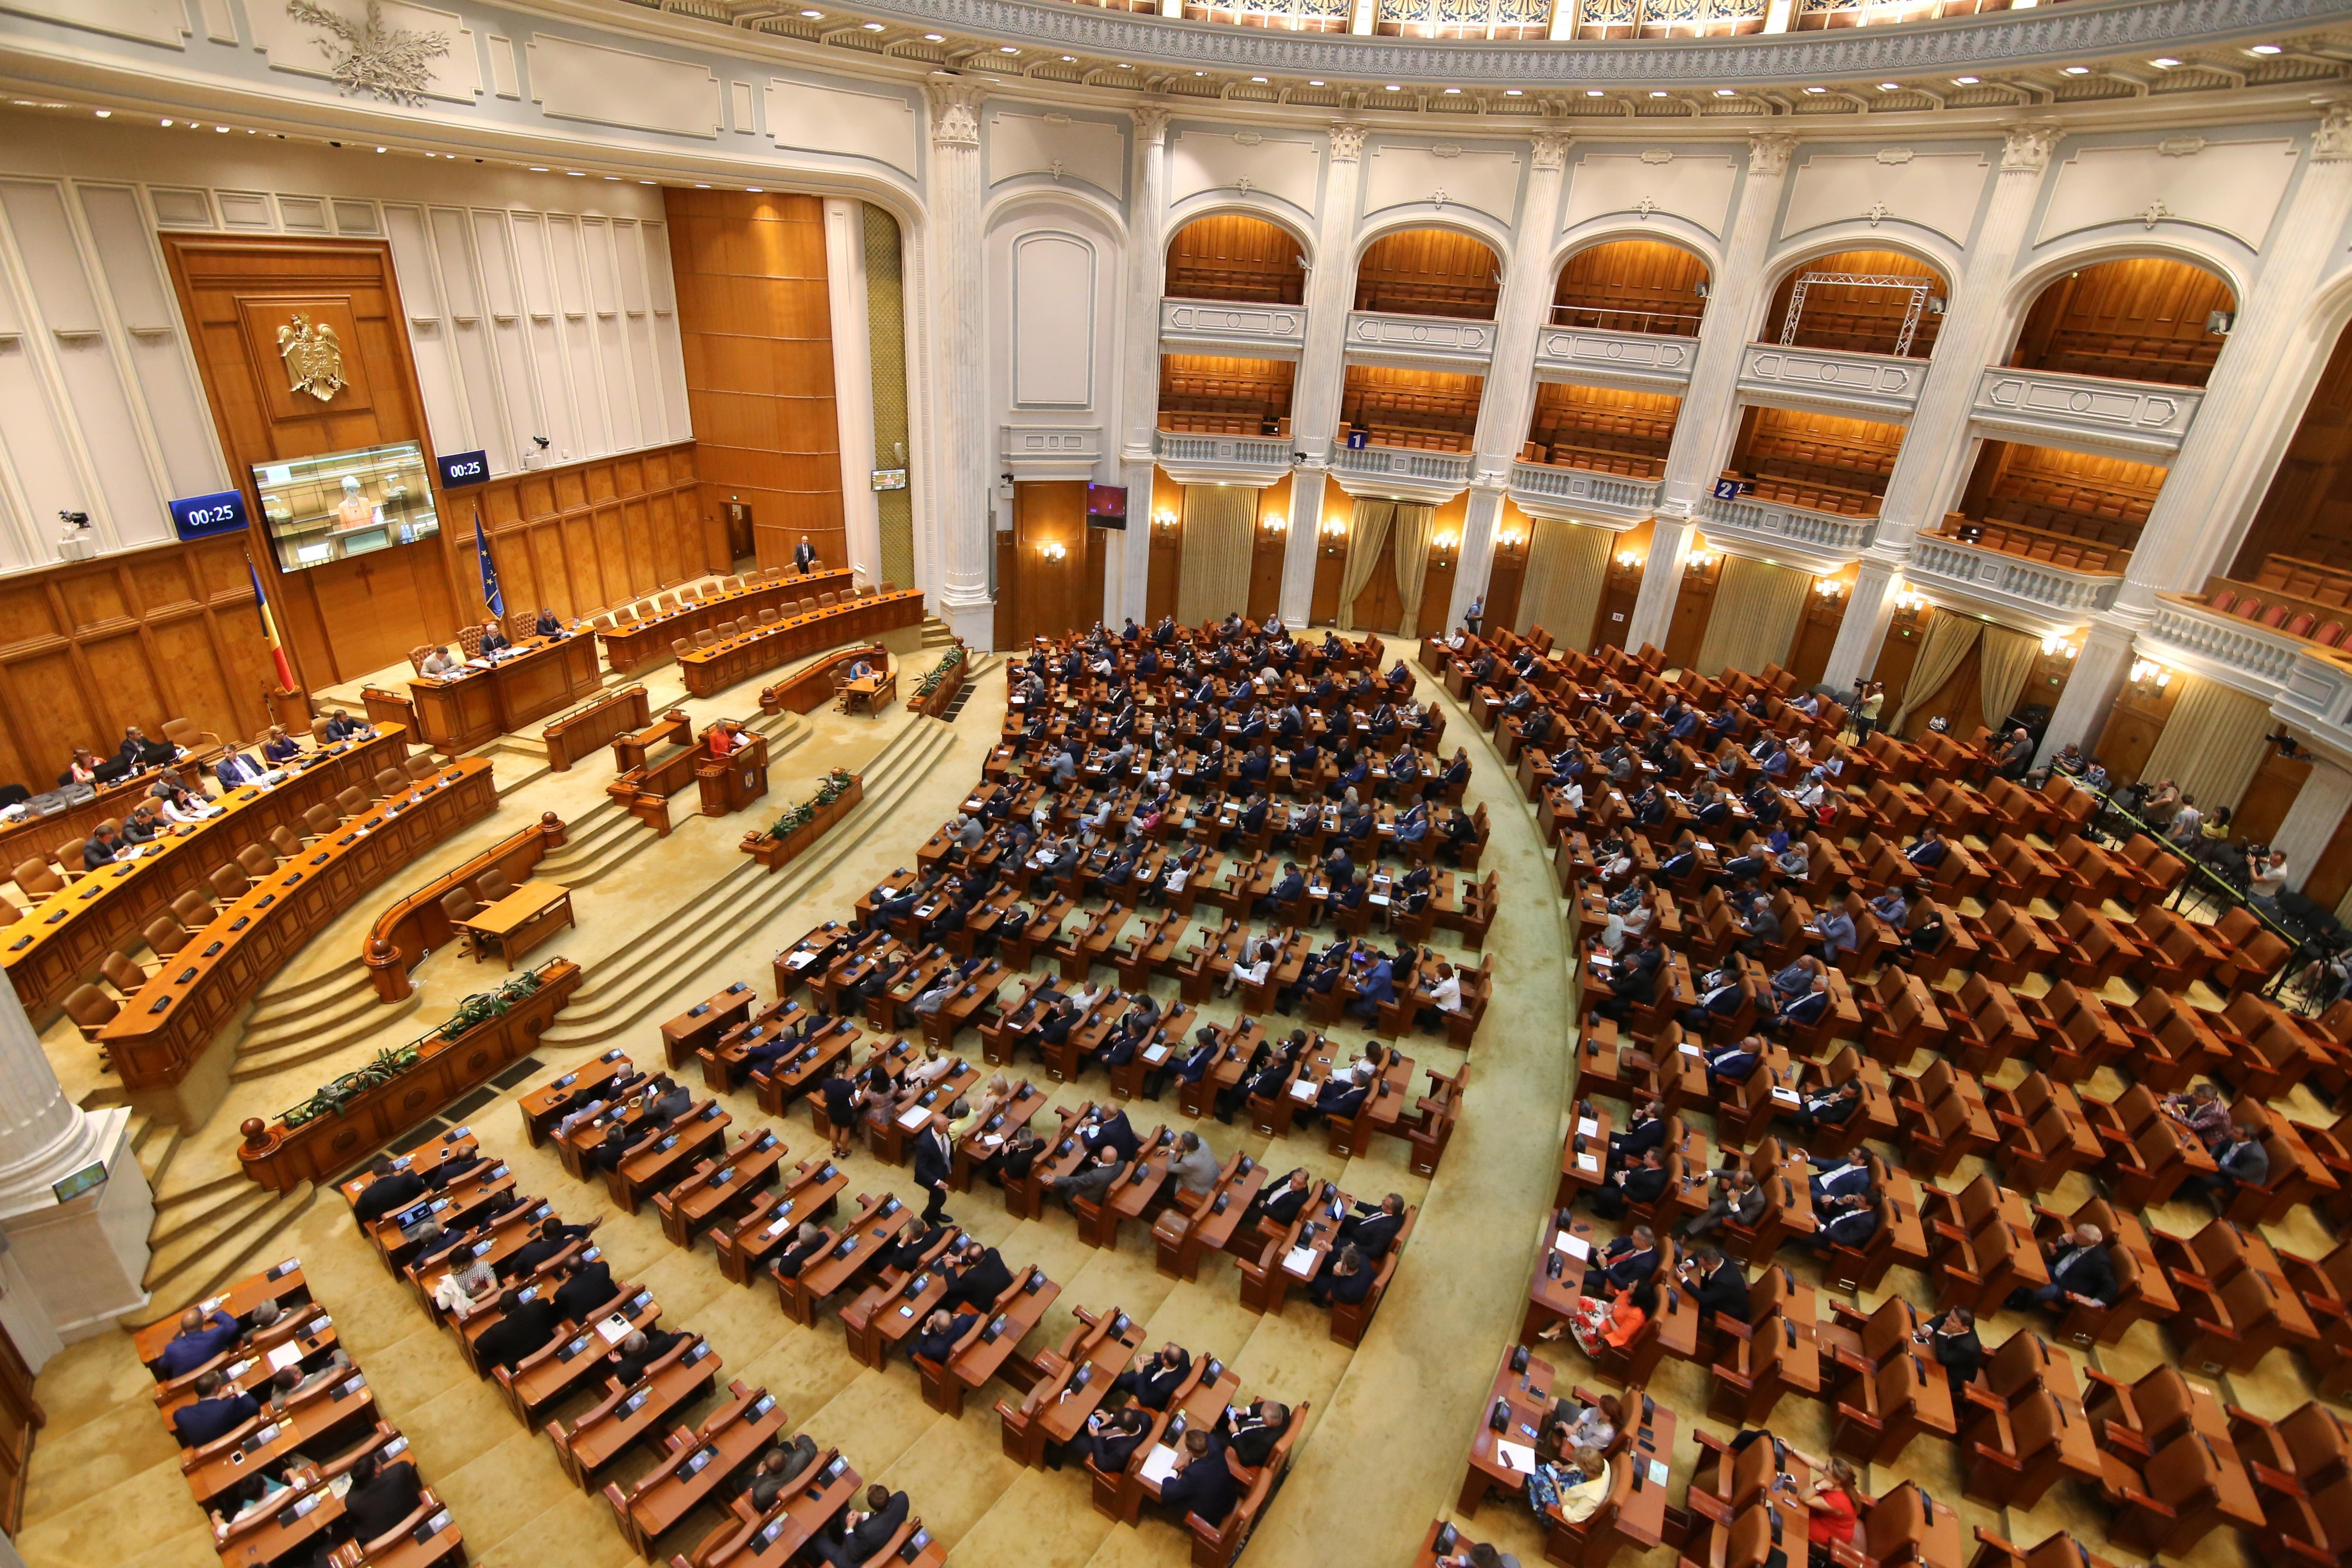 Legea carantinei și izolării a fost votată! Ce se va întâmpla cu asimptomaticii și cu cei care sosesc în România